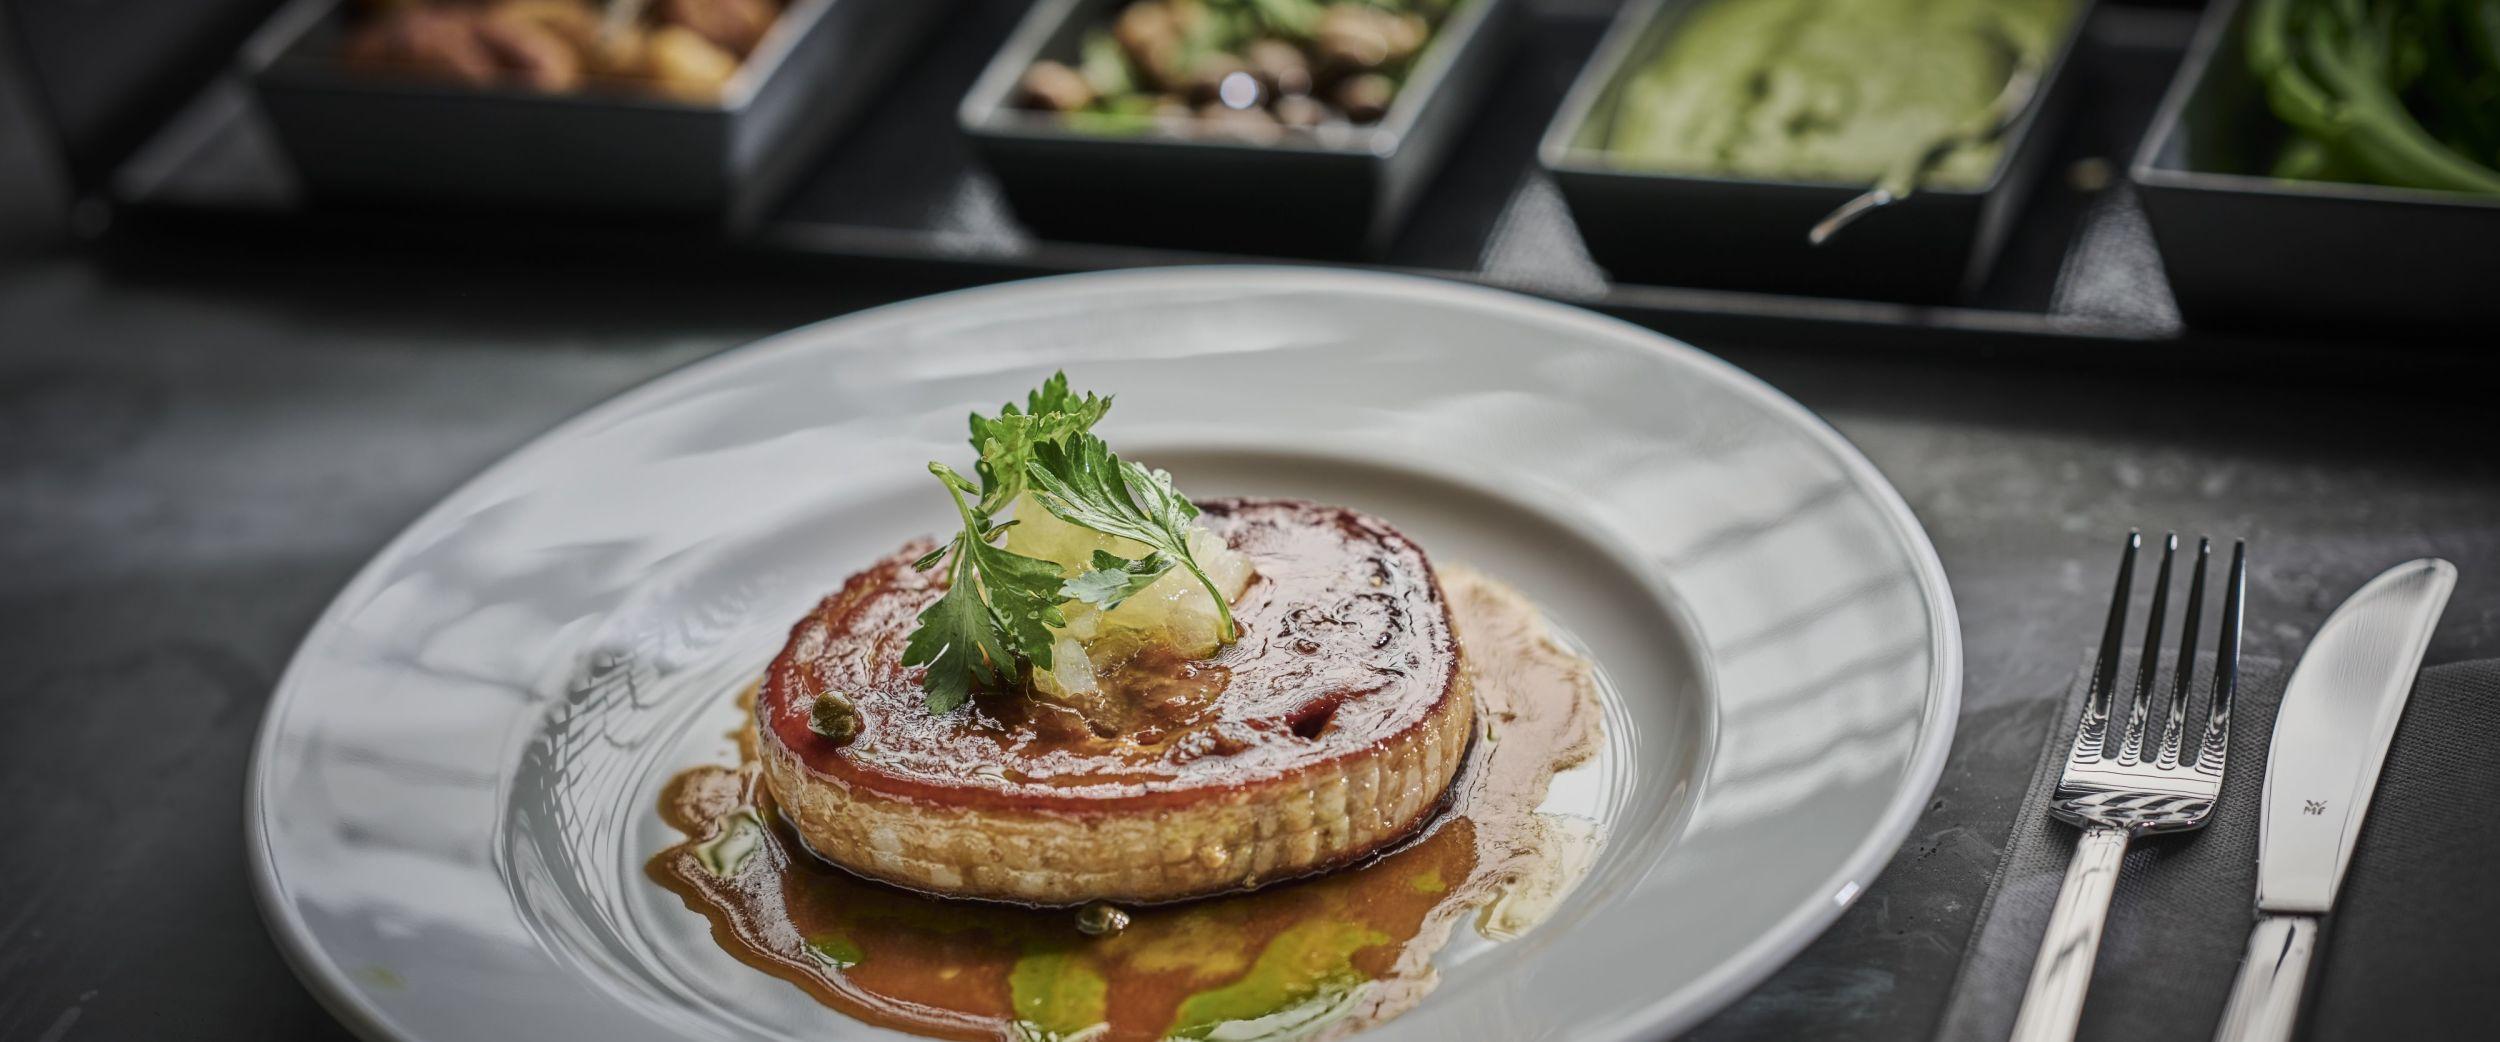 Prochetta from Havrand Restaurant, photo by Tom Haga